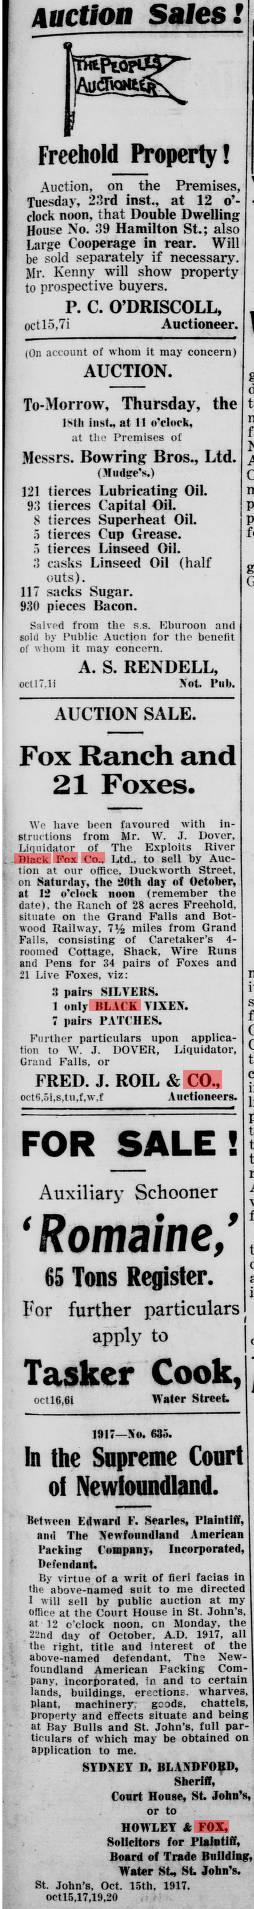 Evening Telegram (St. John's, N.L.), 1917-10-17 Adv. 3 Page 21 fox farm sale 1917.jpg